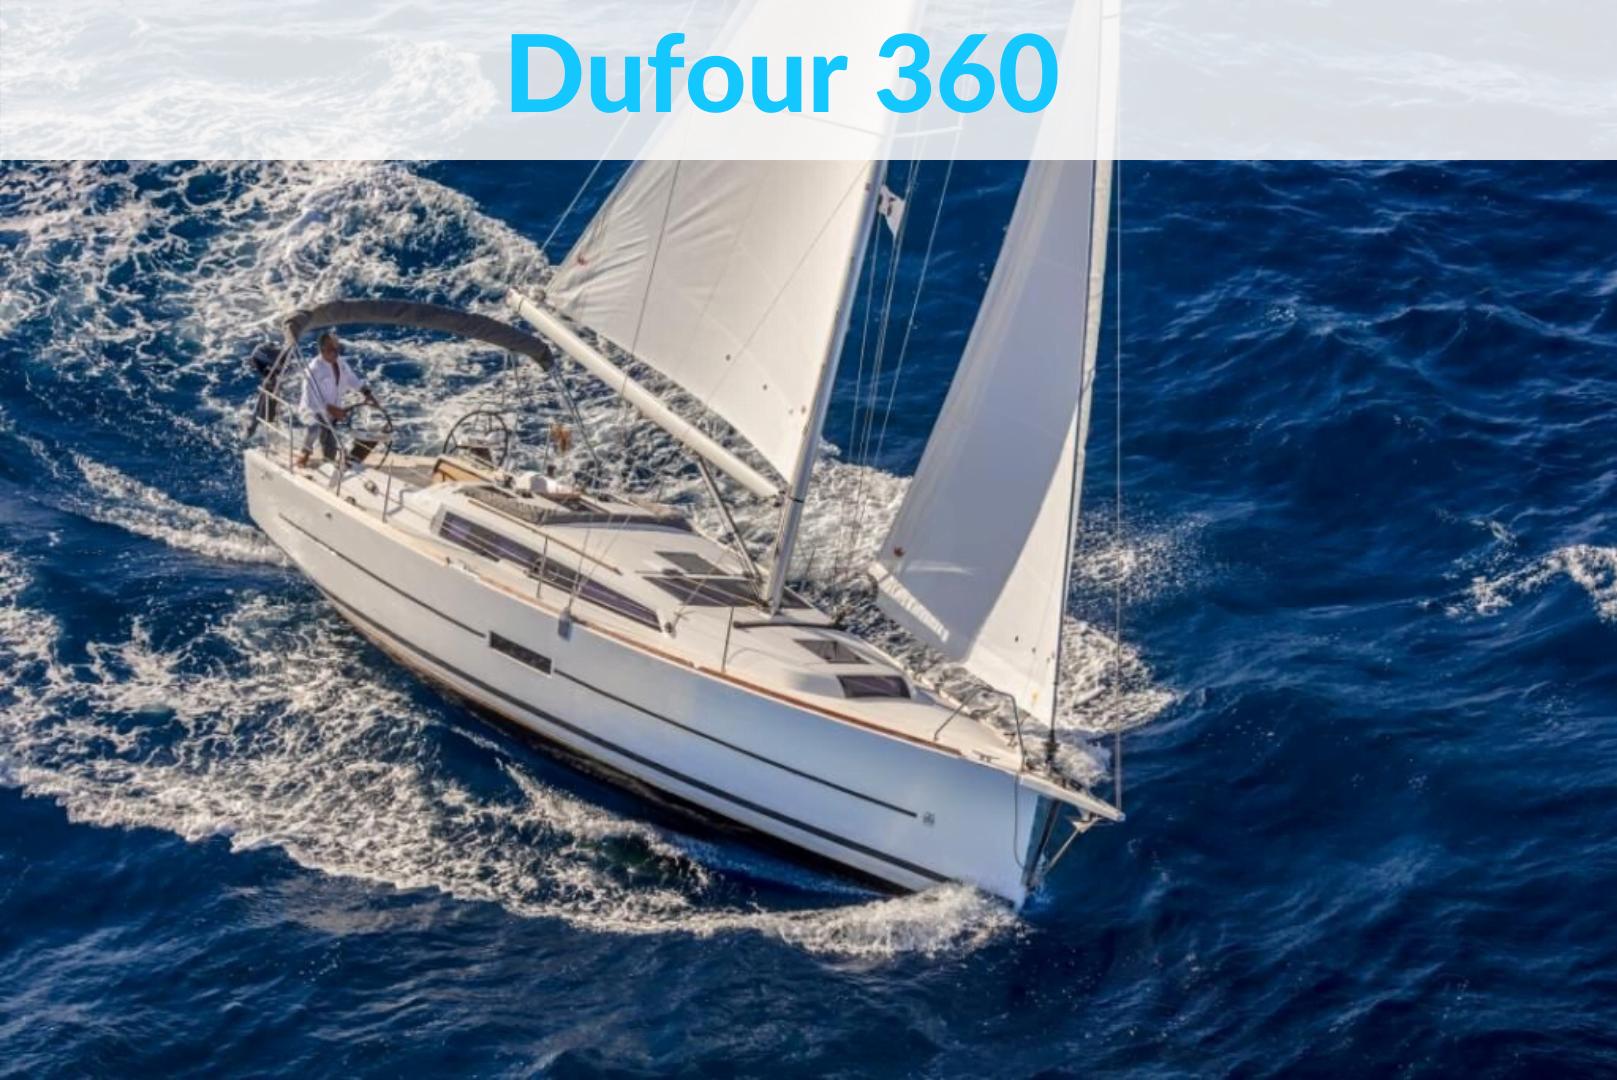 Dufour 360